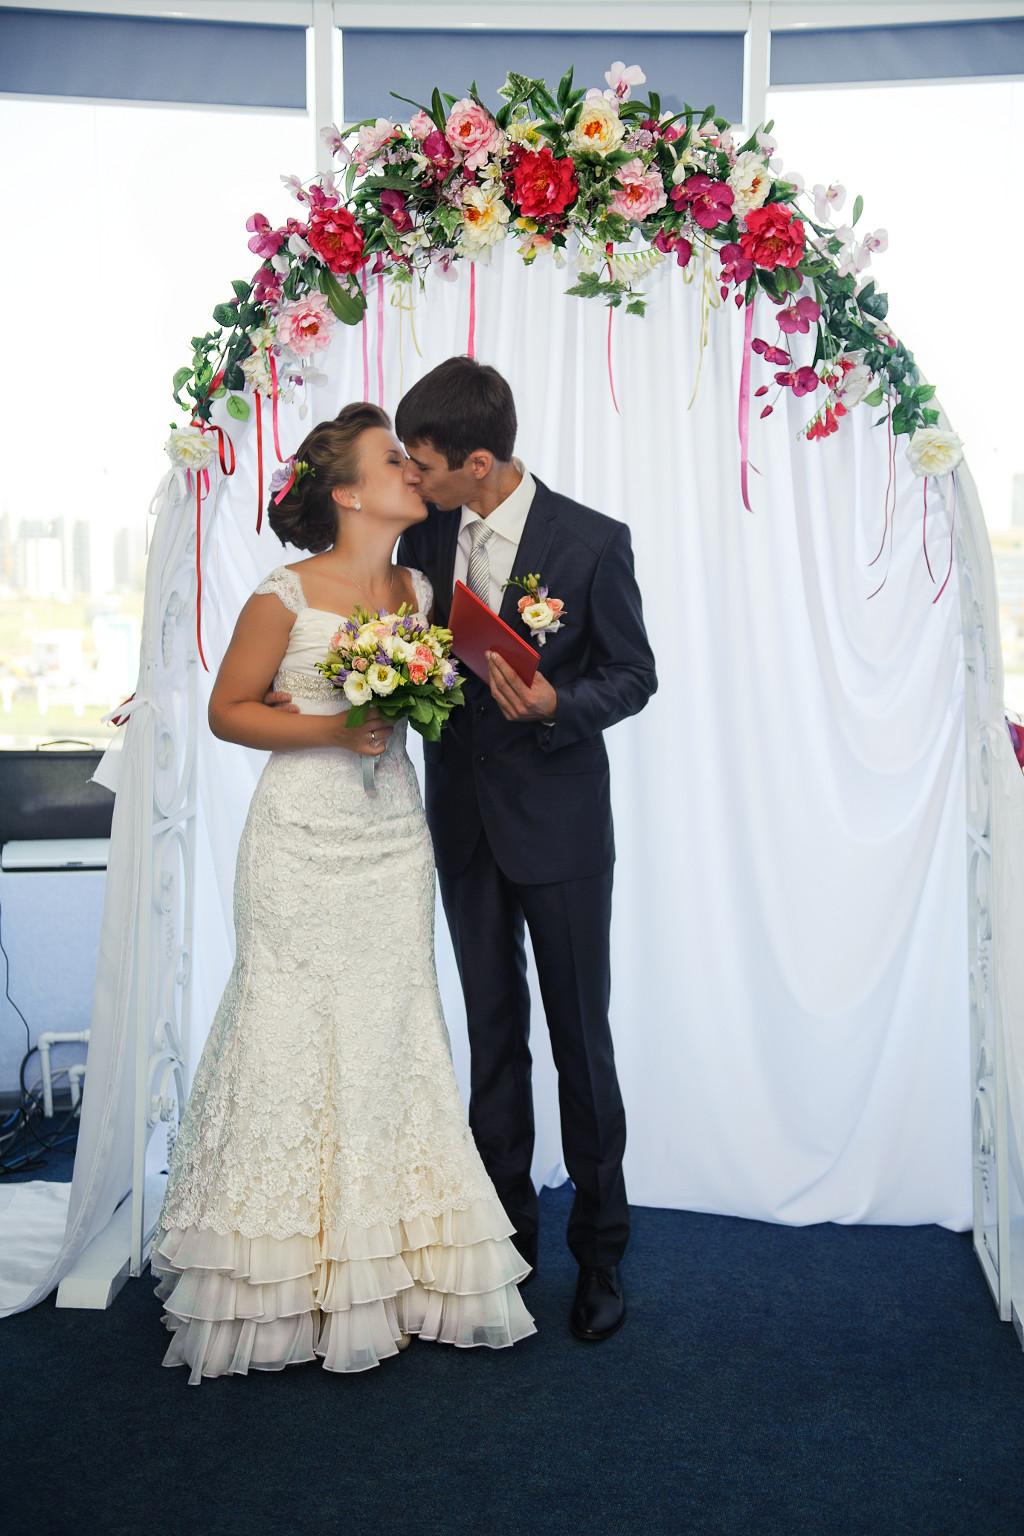 Оформление выездной регистрации брака в отеле Валери